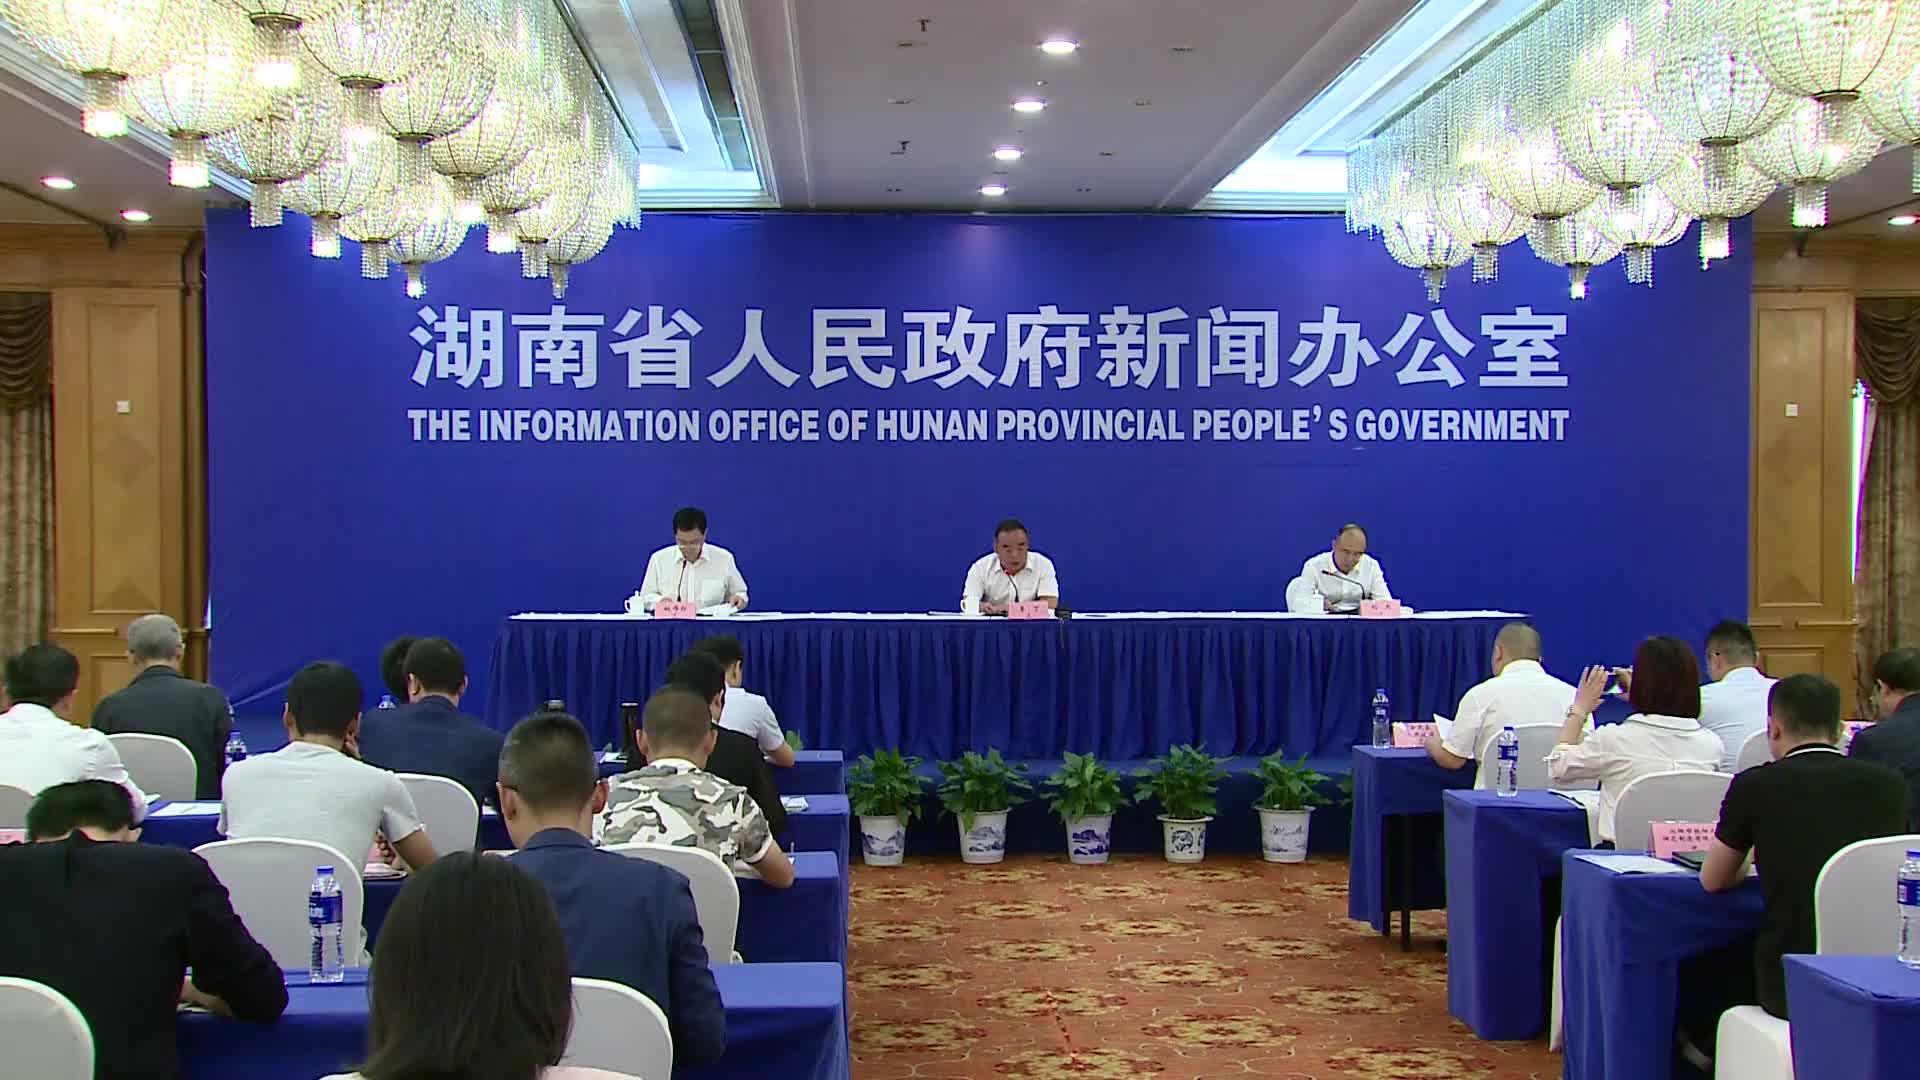 【全程回放】湖南省新获国家地理标志产品保护情况新闻发布会